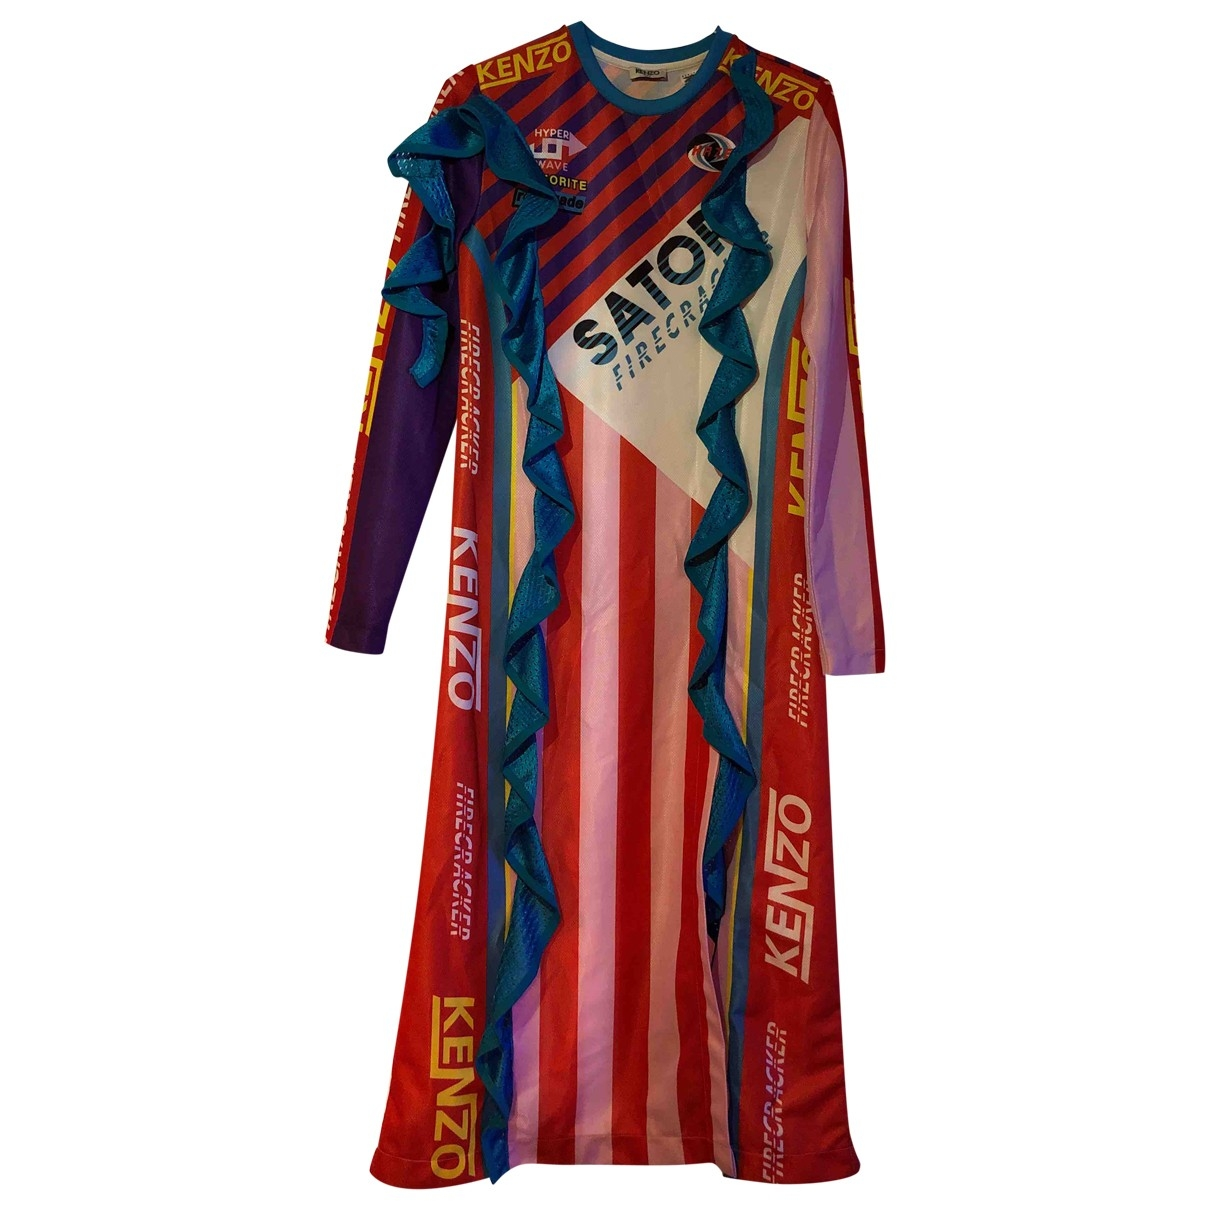 Kenzo - Robe   pour femme - multicolore